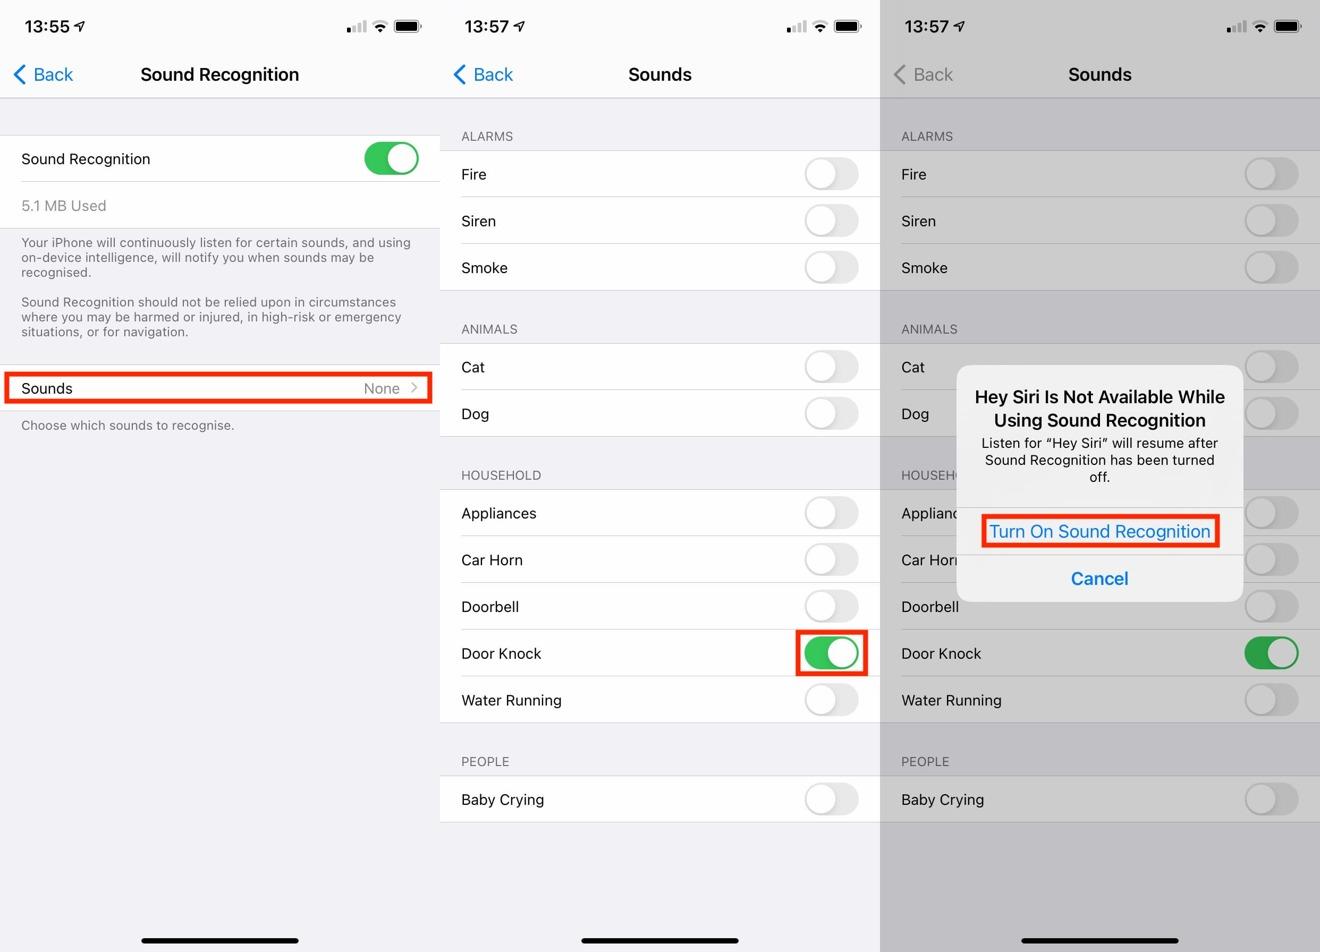 El camino para habilitar el reconocimiento de sonido para un sonido específico, completo con el cuadro de diálogo de advertencia de Siri.